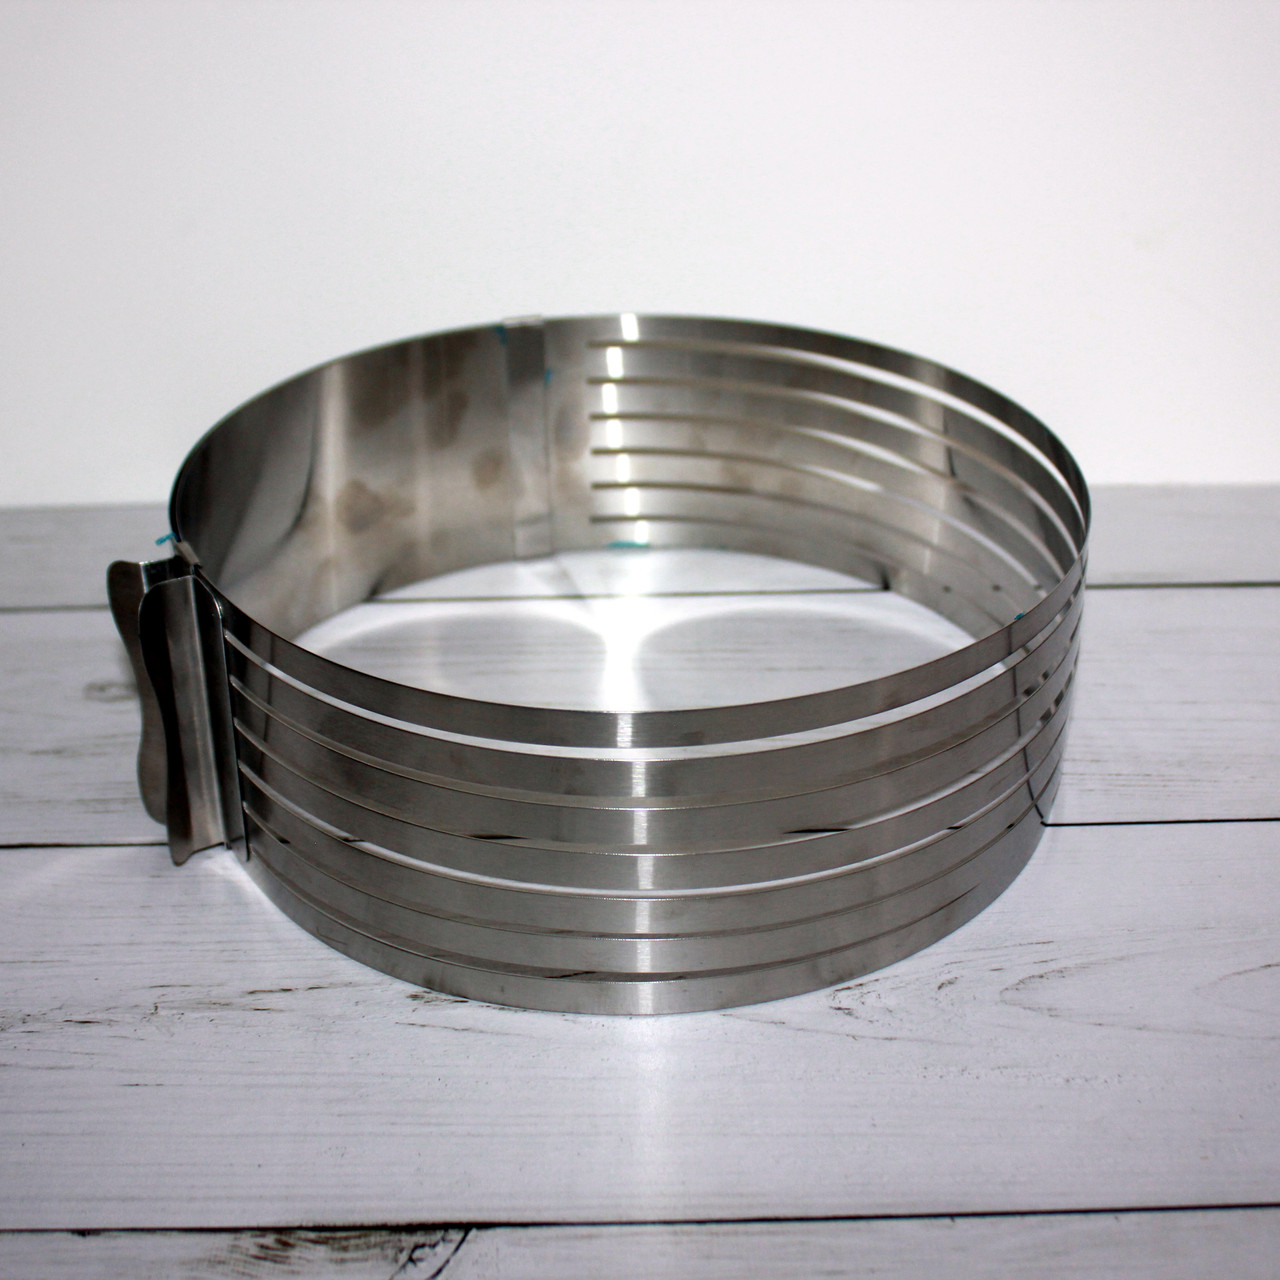 Форма для выпечки и нарезки бисквита с регулируемым диаметром (240-300 мм)